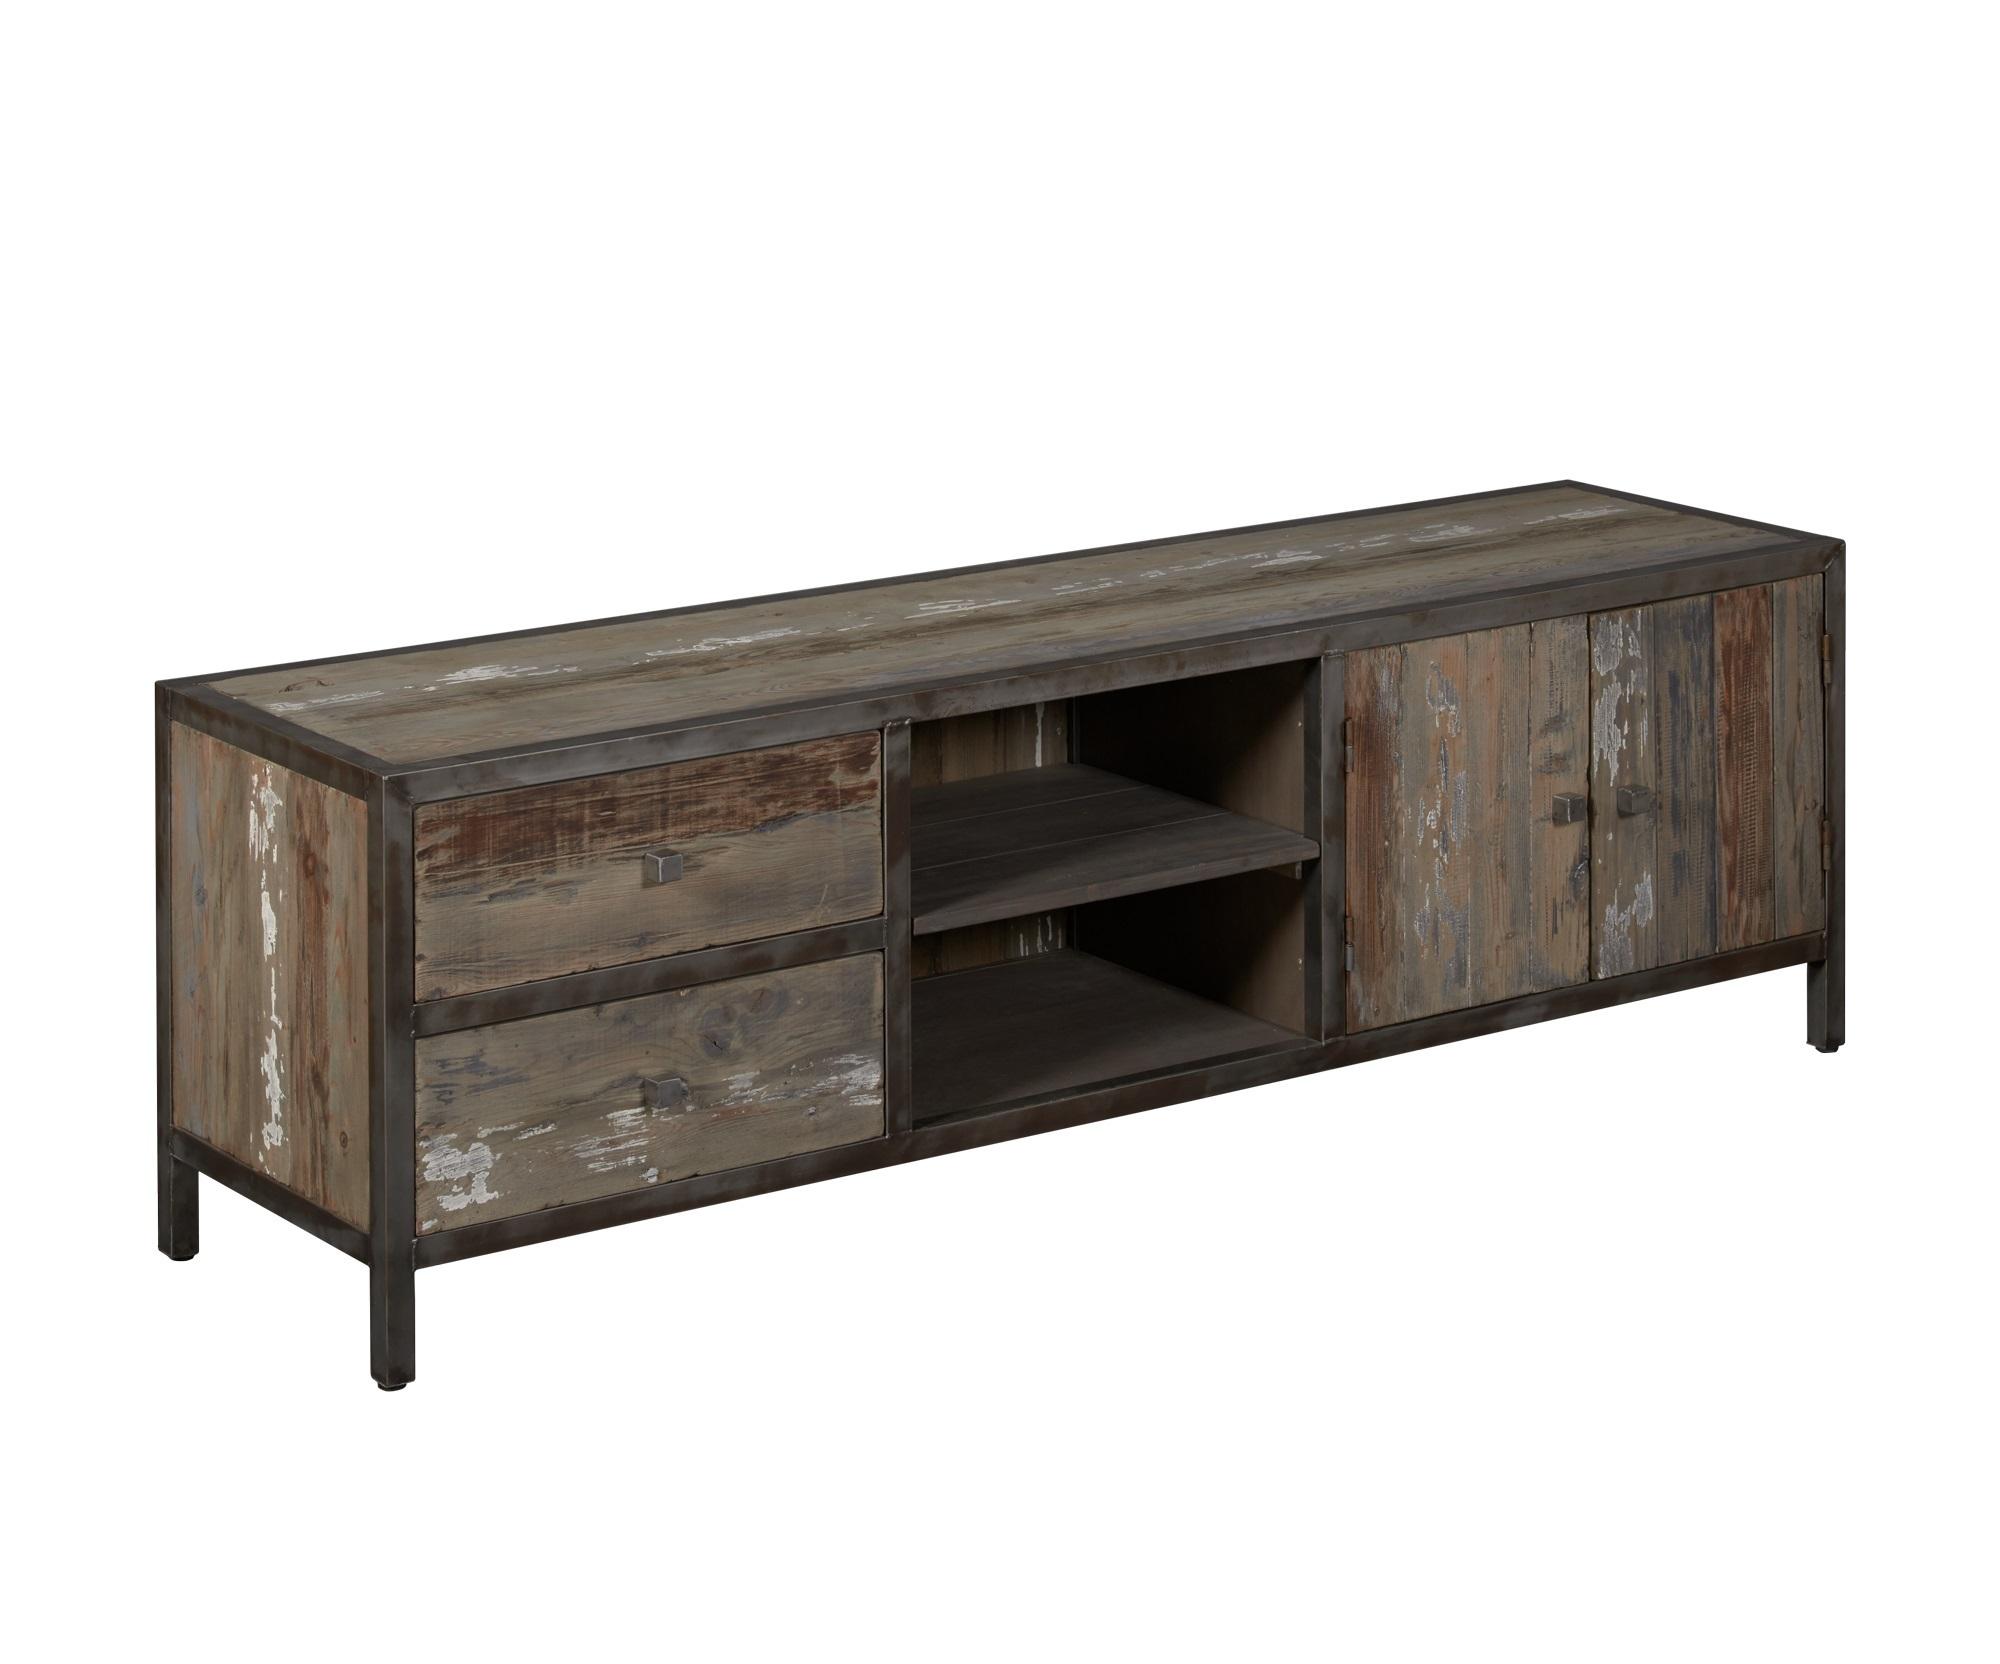 kasten-wouter-tv dressoir-towerliving-KL 0145-180cm-oud grenen-grijs-vintage-metaal-industrieel